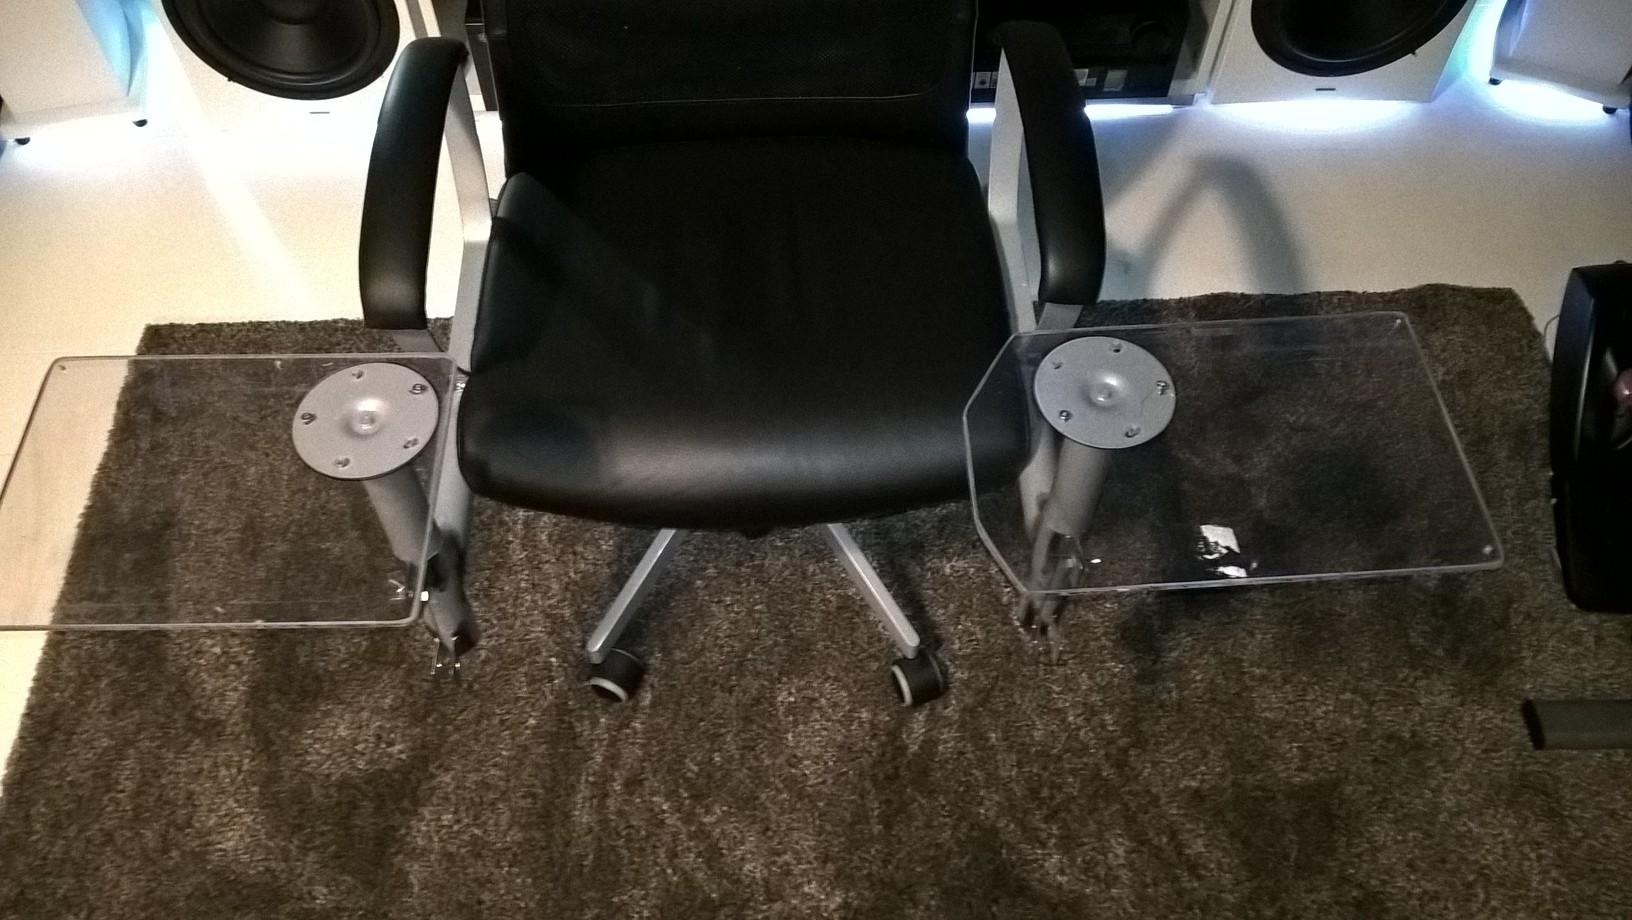 Bygge battlestationcombat flight simulator stol. Generell